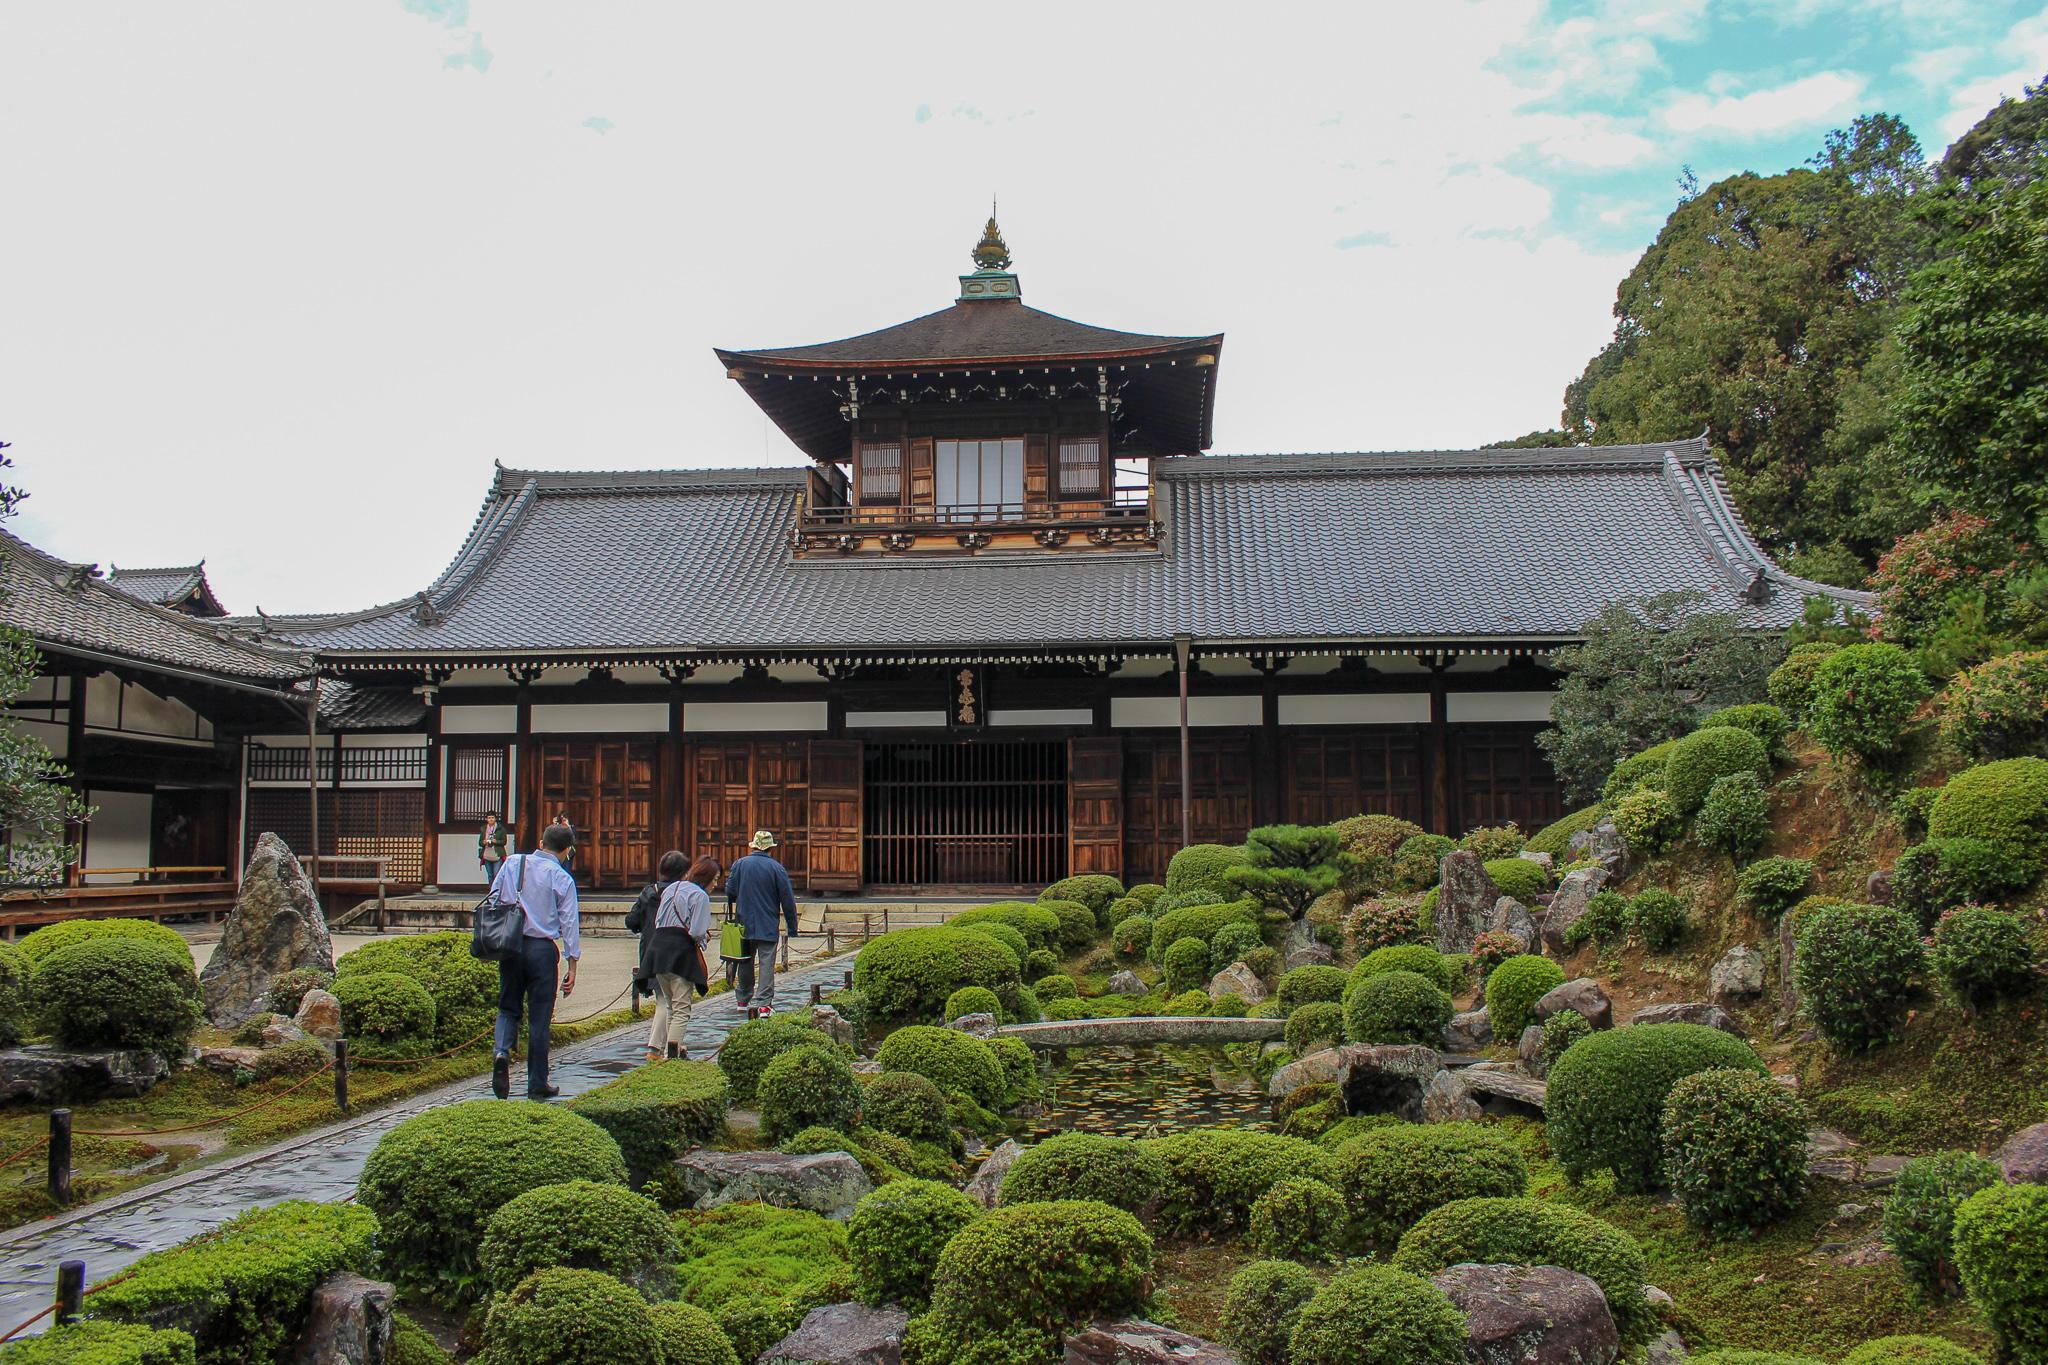 Tofuku_ji _kyoto_templo